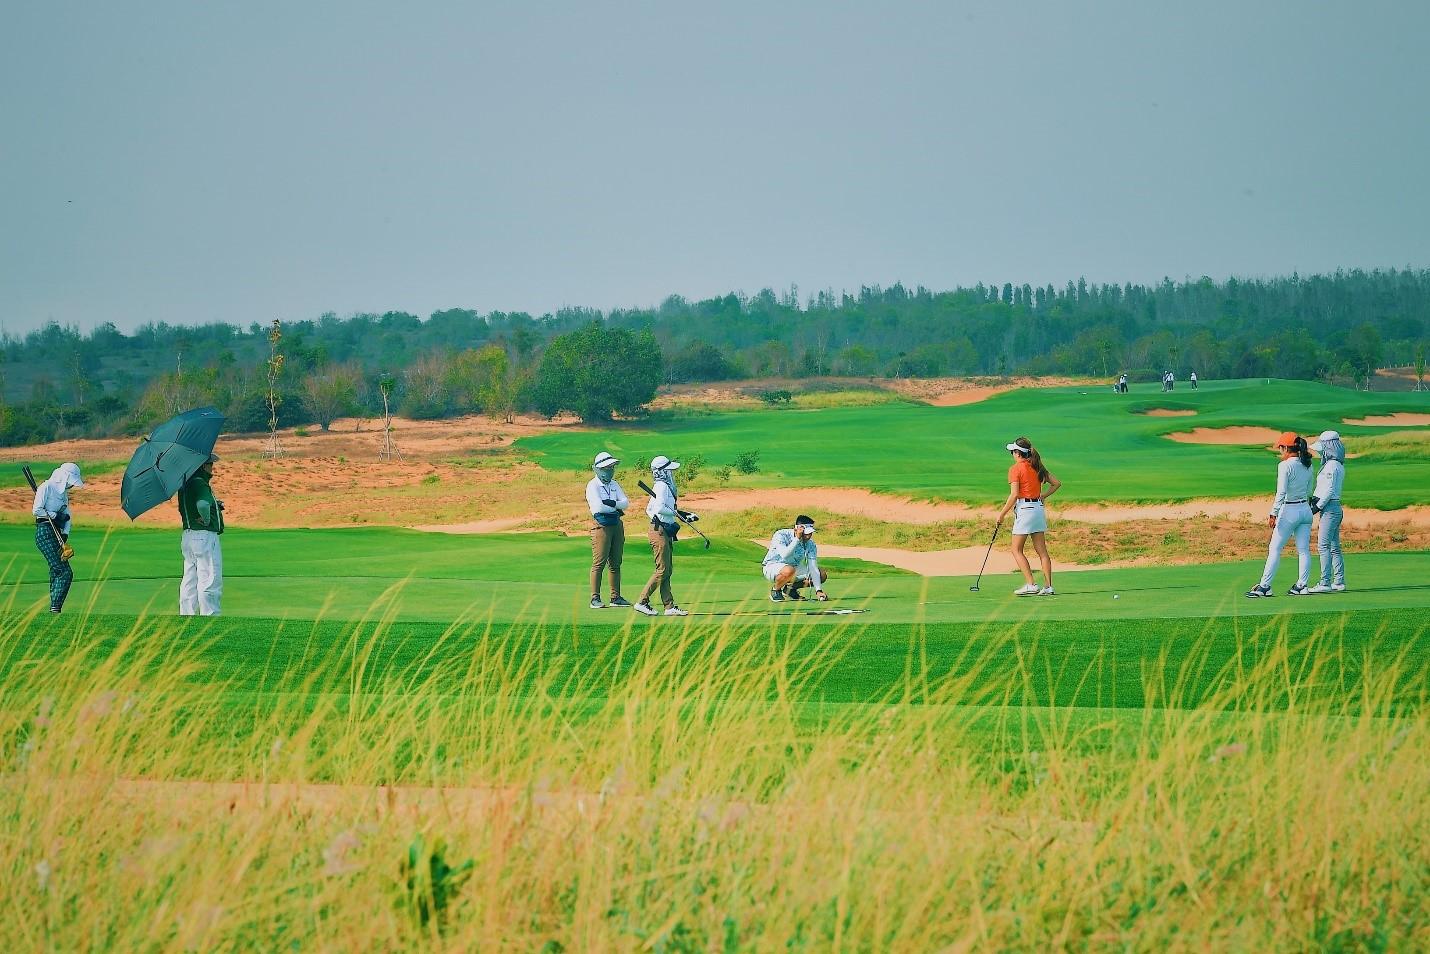 Phan Thiết có khí hậu ôn hòa với hơn 300 ngày nắng trong năm trở thành điểm đến lý tưởng cho dòng biệt thự sân Golf. Ảnh sân Golf PGA Ocean tại NovaWorld Phan Thiet.